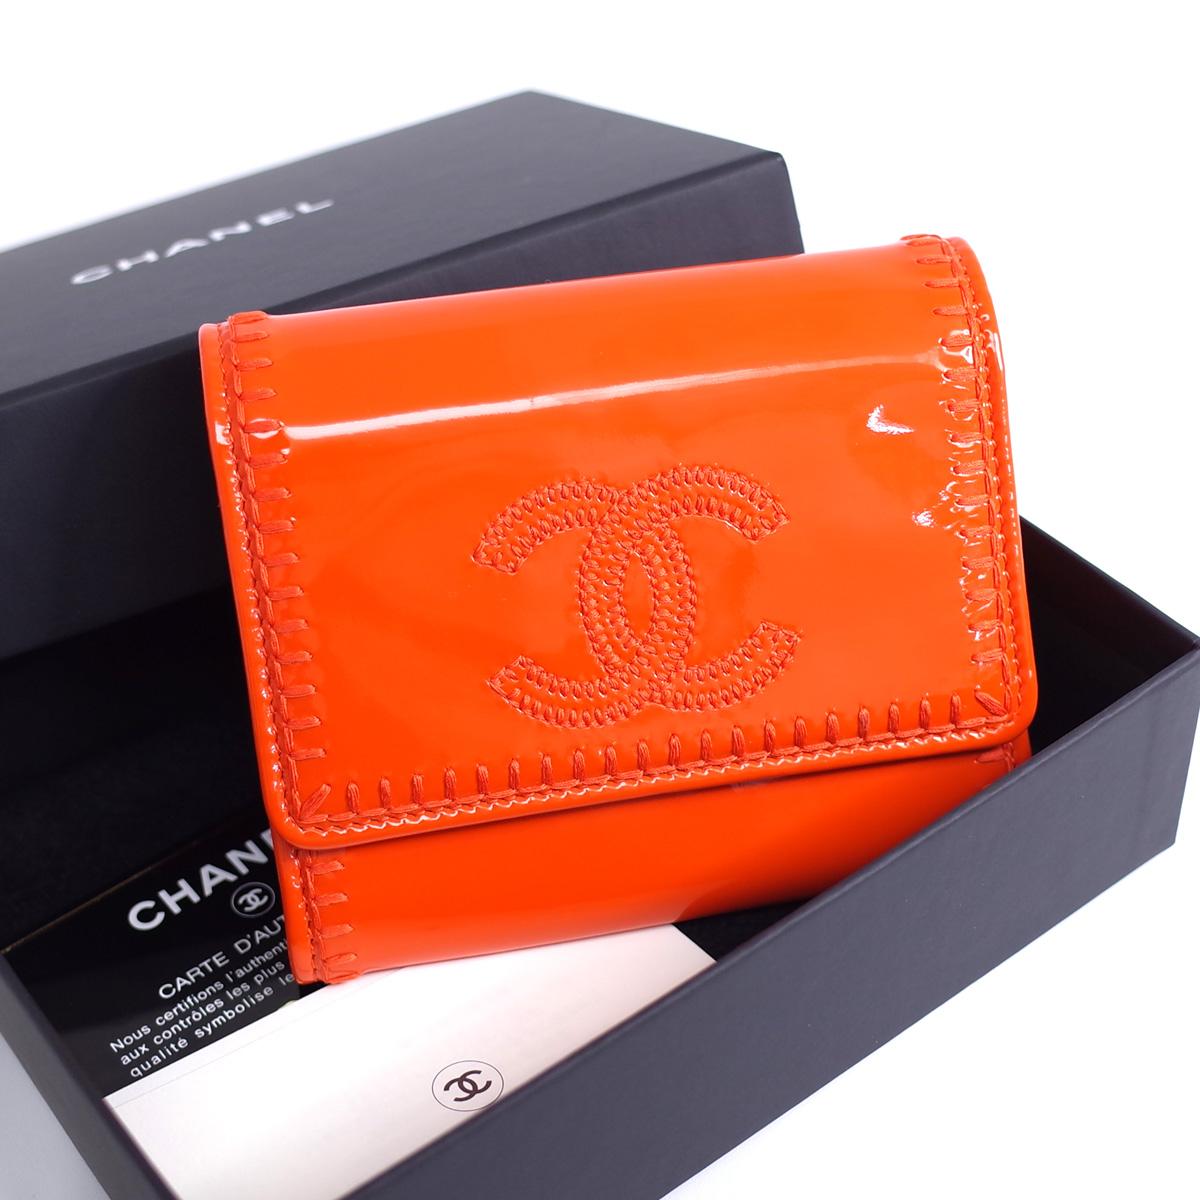 シャネル 二つ折り財布 コンパクト 贈呈 希望者のみラッピング無料 エナメルレザー オレンジ ココマーク COCO レザー シール有 CHANEL カード レディース 中古 ステッチ 箱